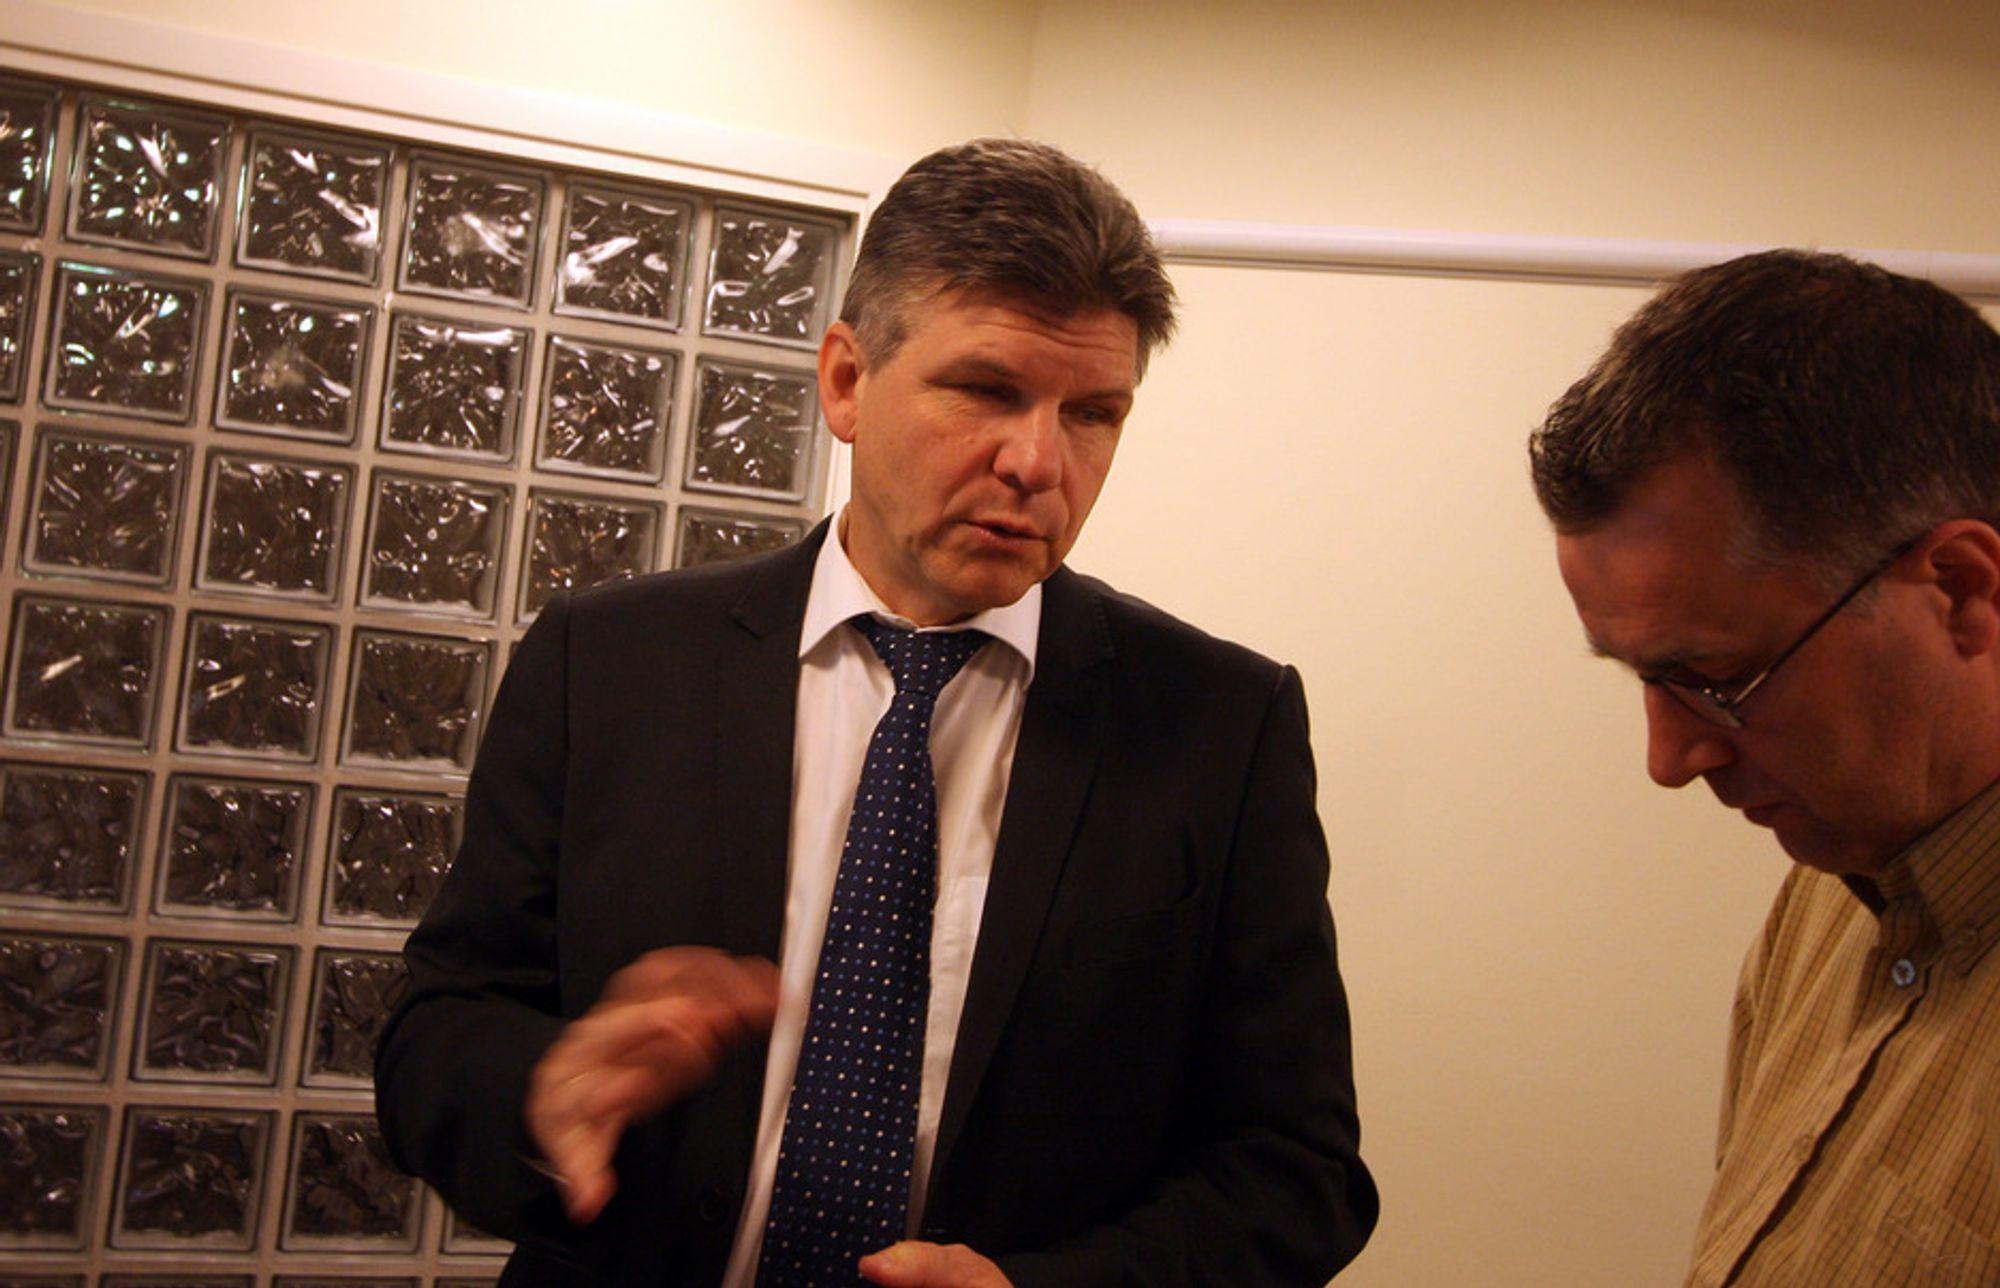 VIKTIG TID: Det blir et avgjørende år for administrerende direktør i North Energy Erik Karlstrøm.